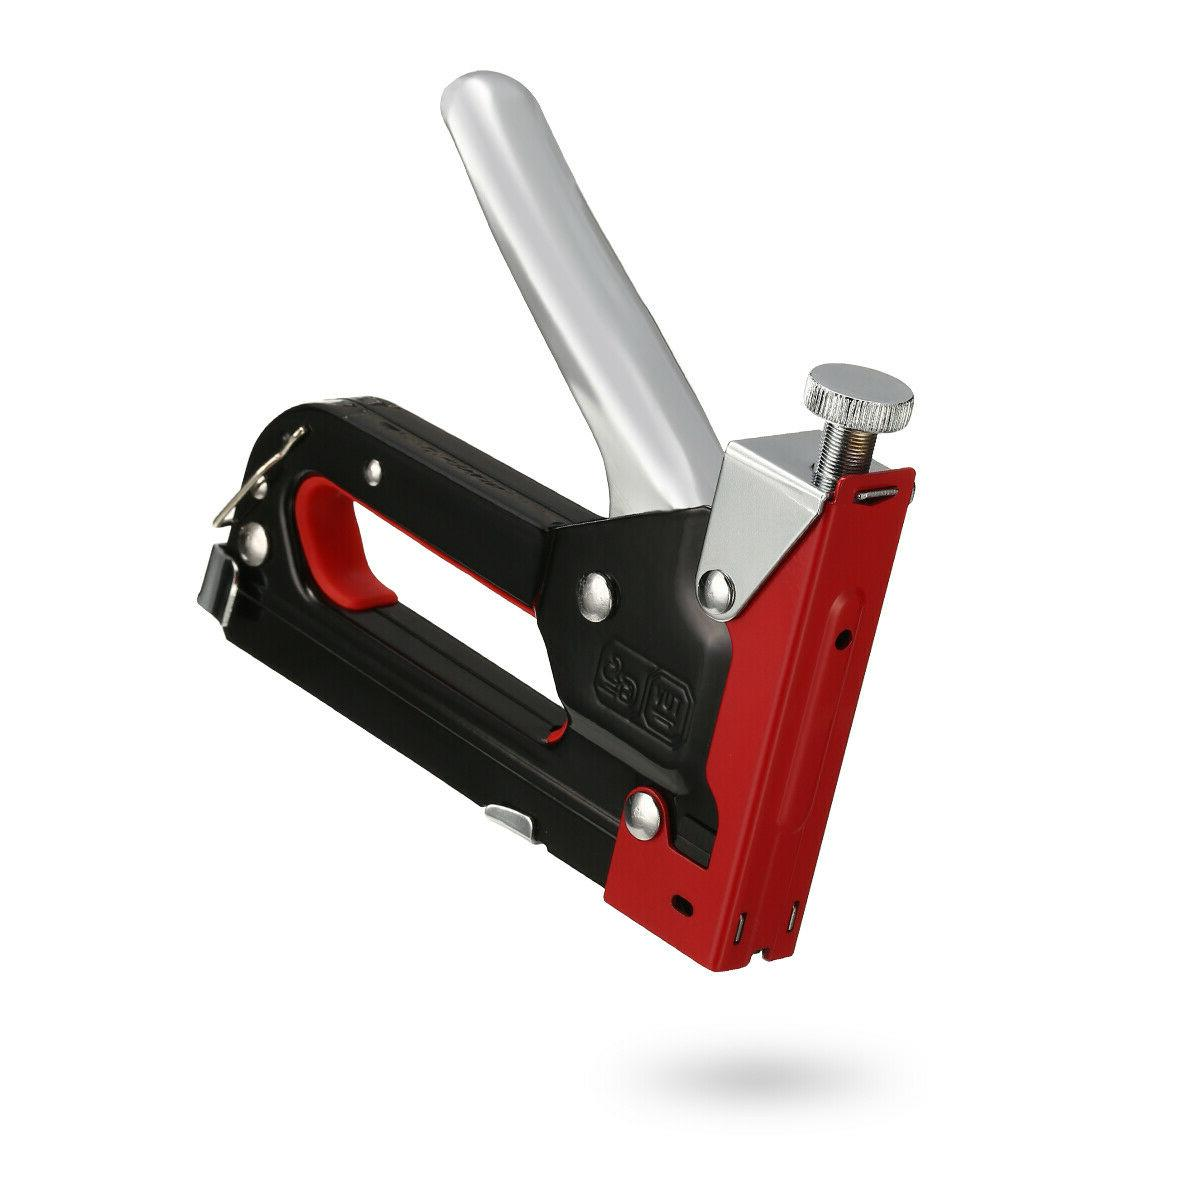 Heavy Duty Staple 3 In 1 Stapler Tacker Upholstery NEW